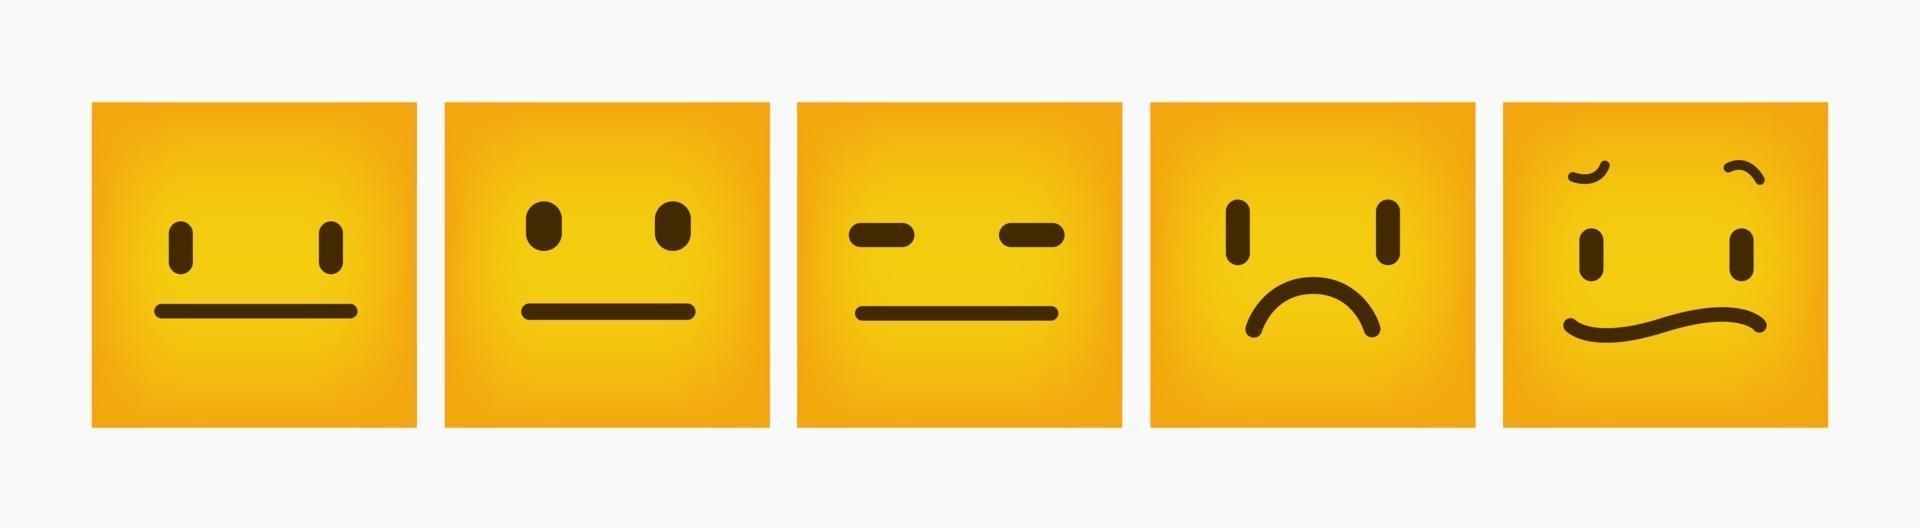 emoticon di reazione design piatto quadrato set vettore